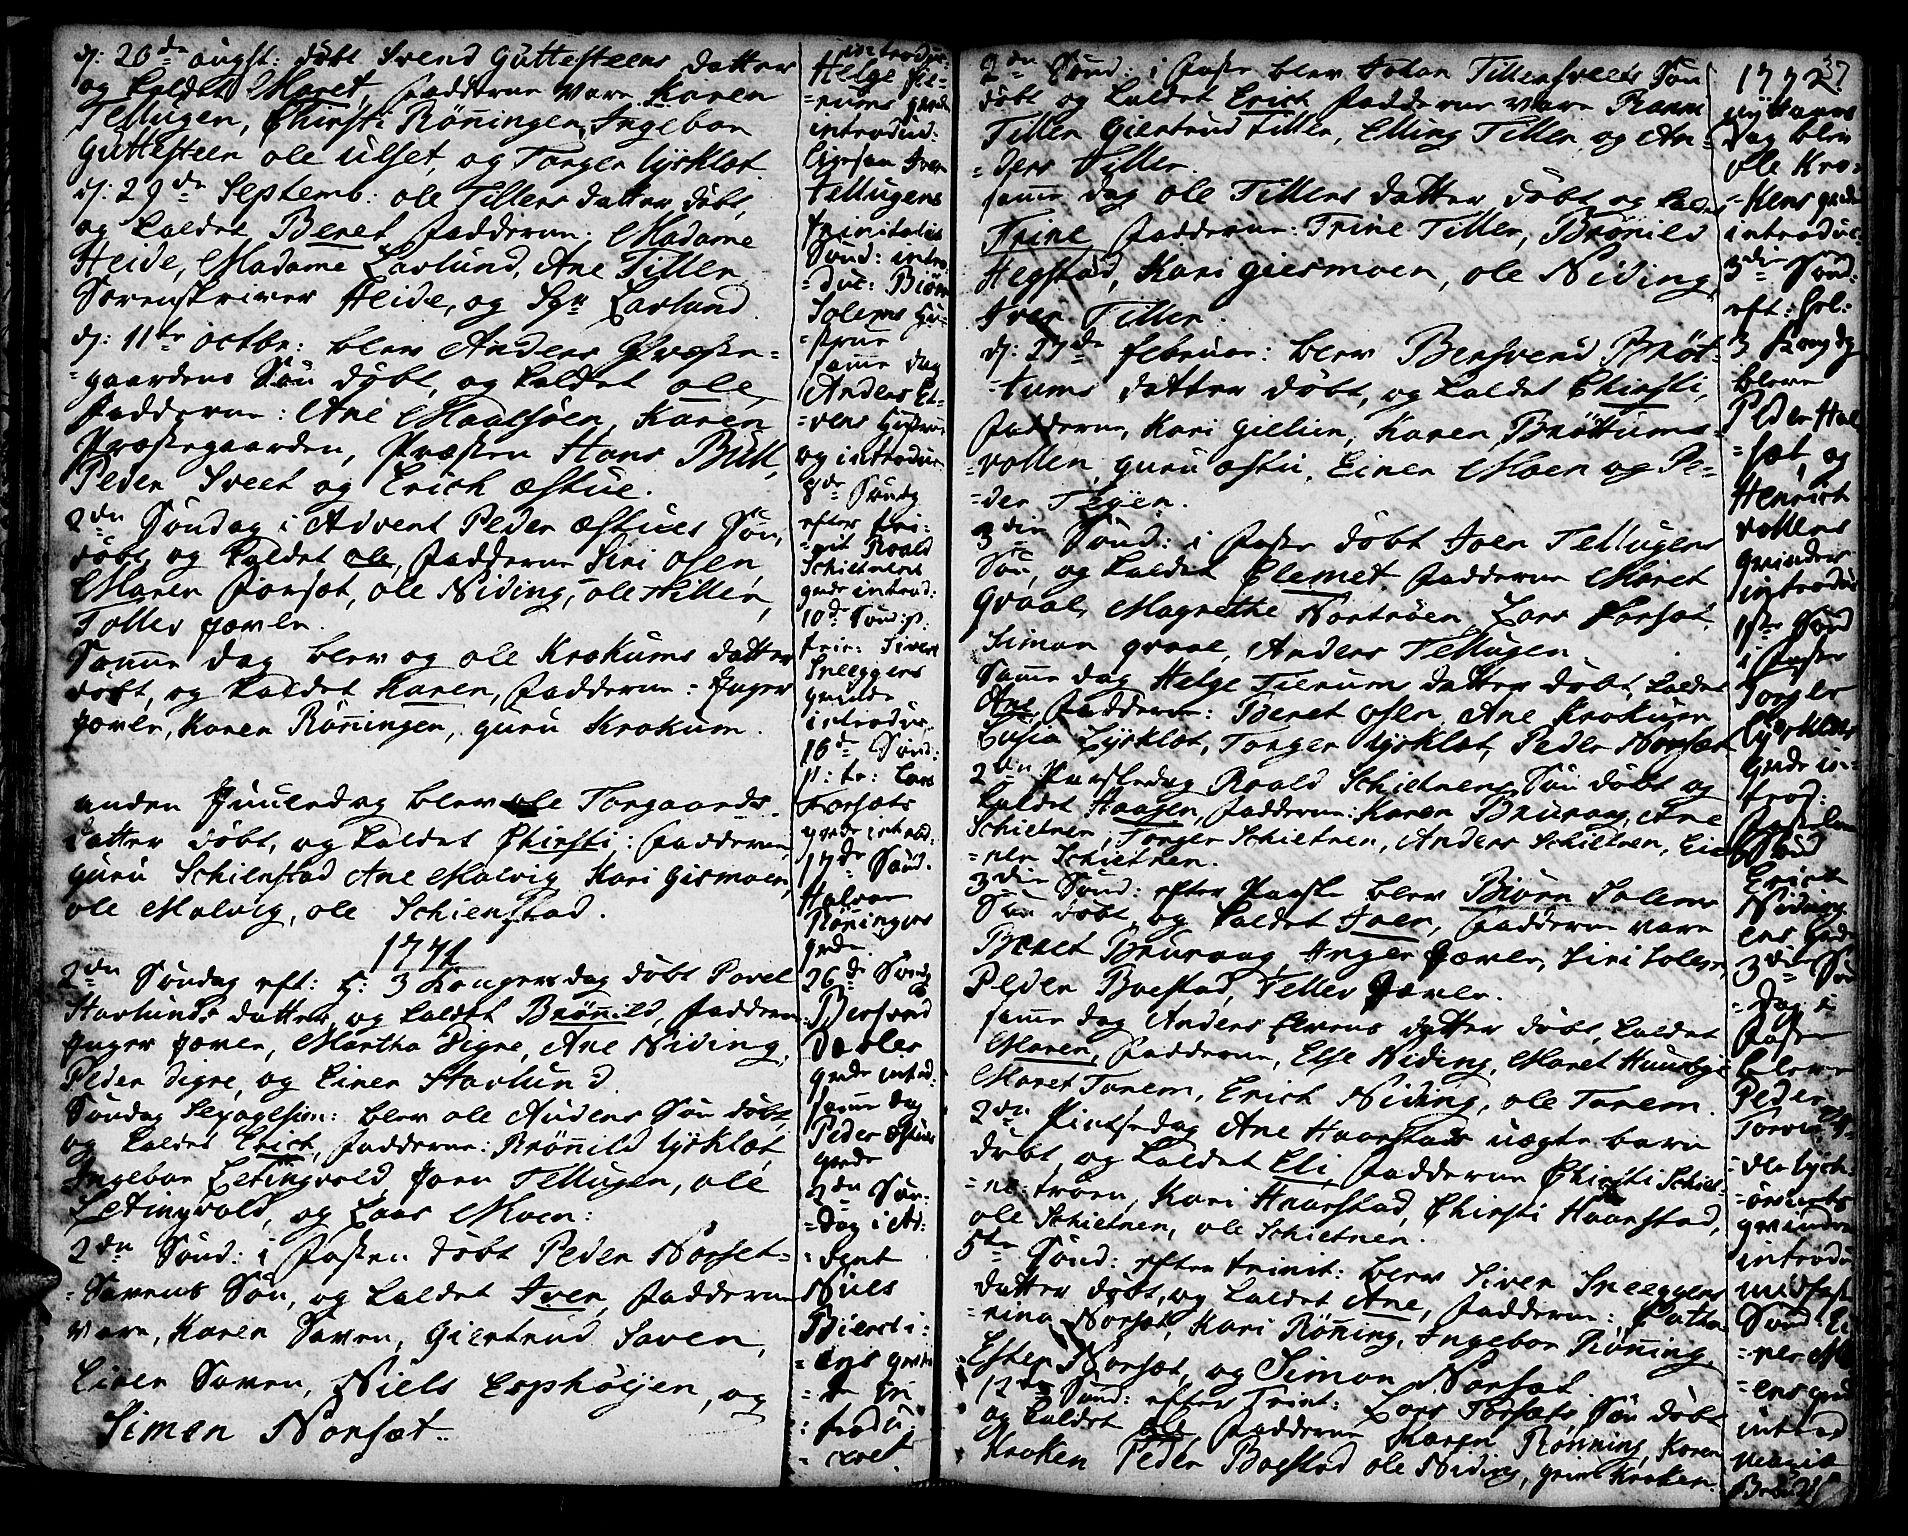 SAT, Ministerialprotokoller, klokkerbøker og fødselsregistre - Sør-Trøndelag, 618/L0437: Ministerialbok nr. 618A02, 1749-1782, s. 37